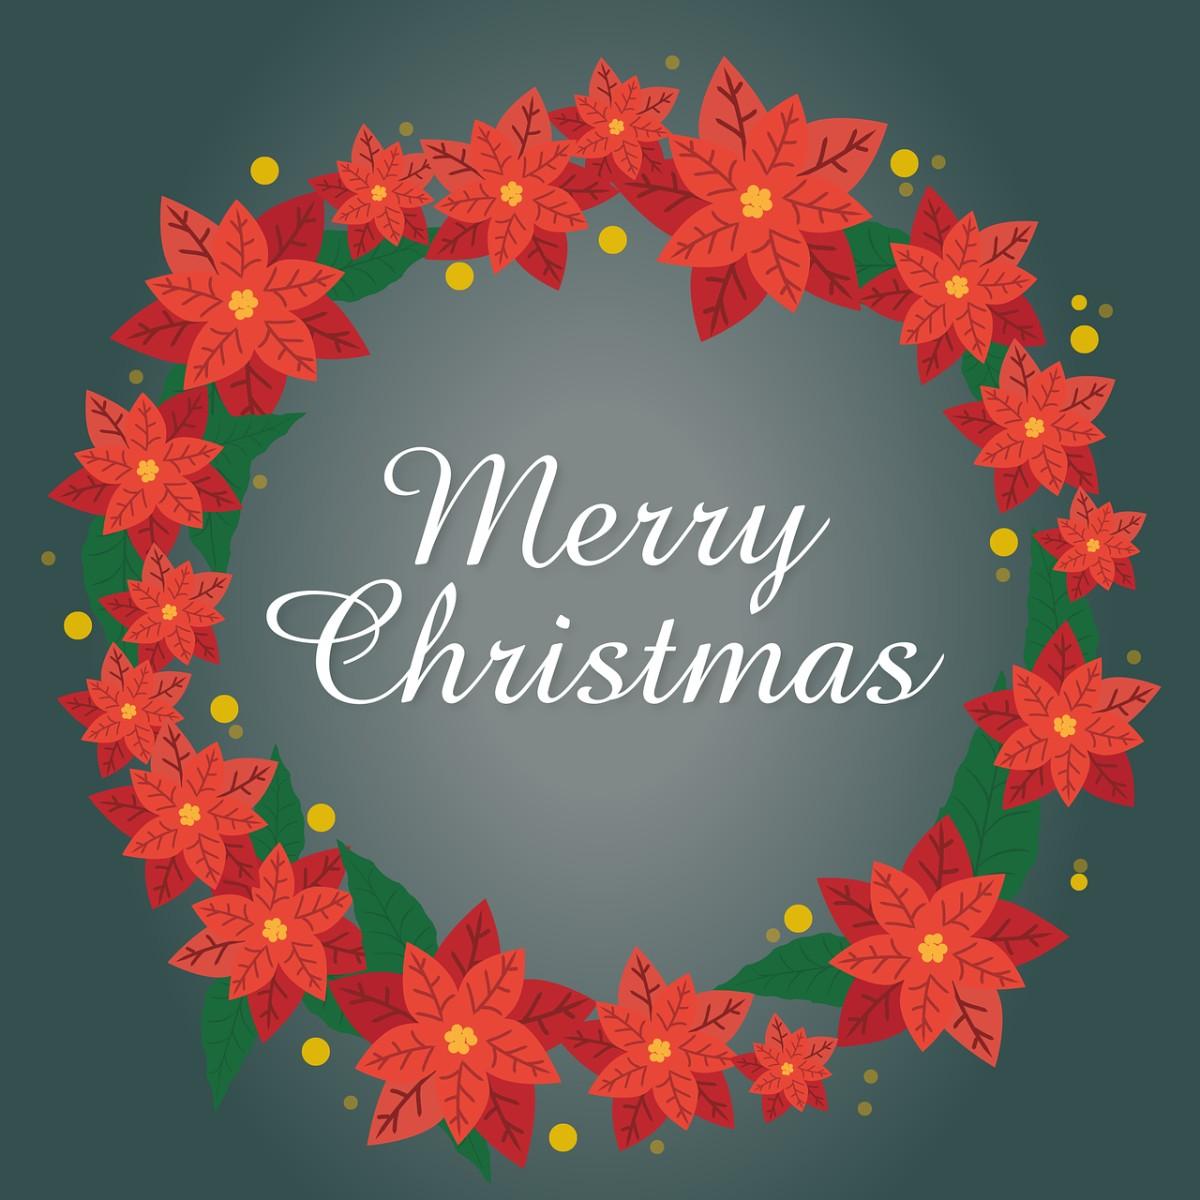 Mery Christmas Decoration Image